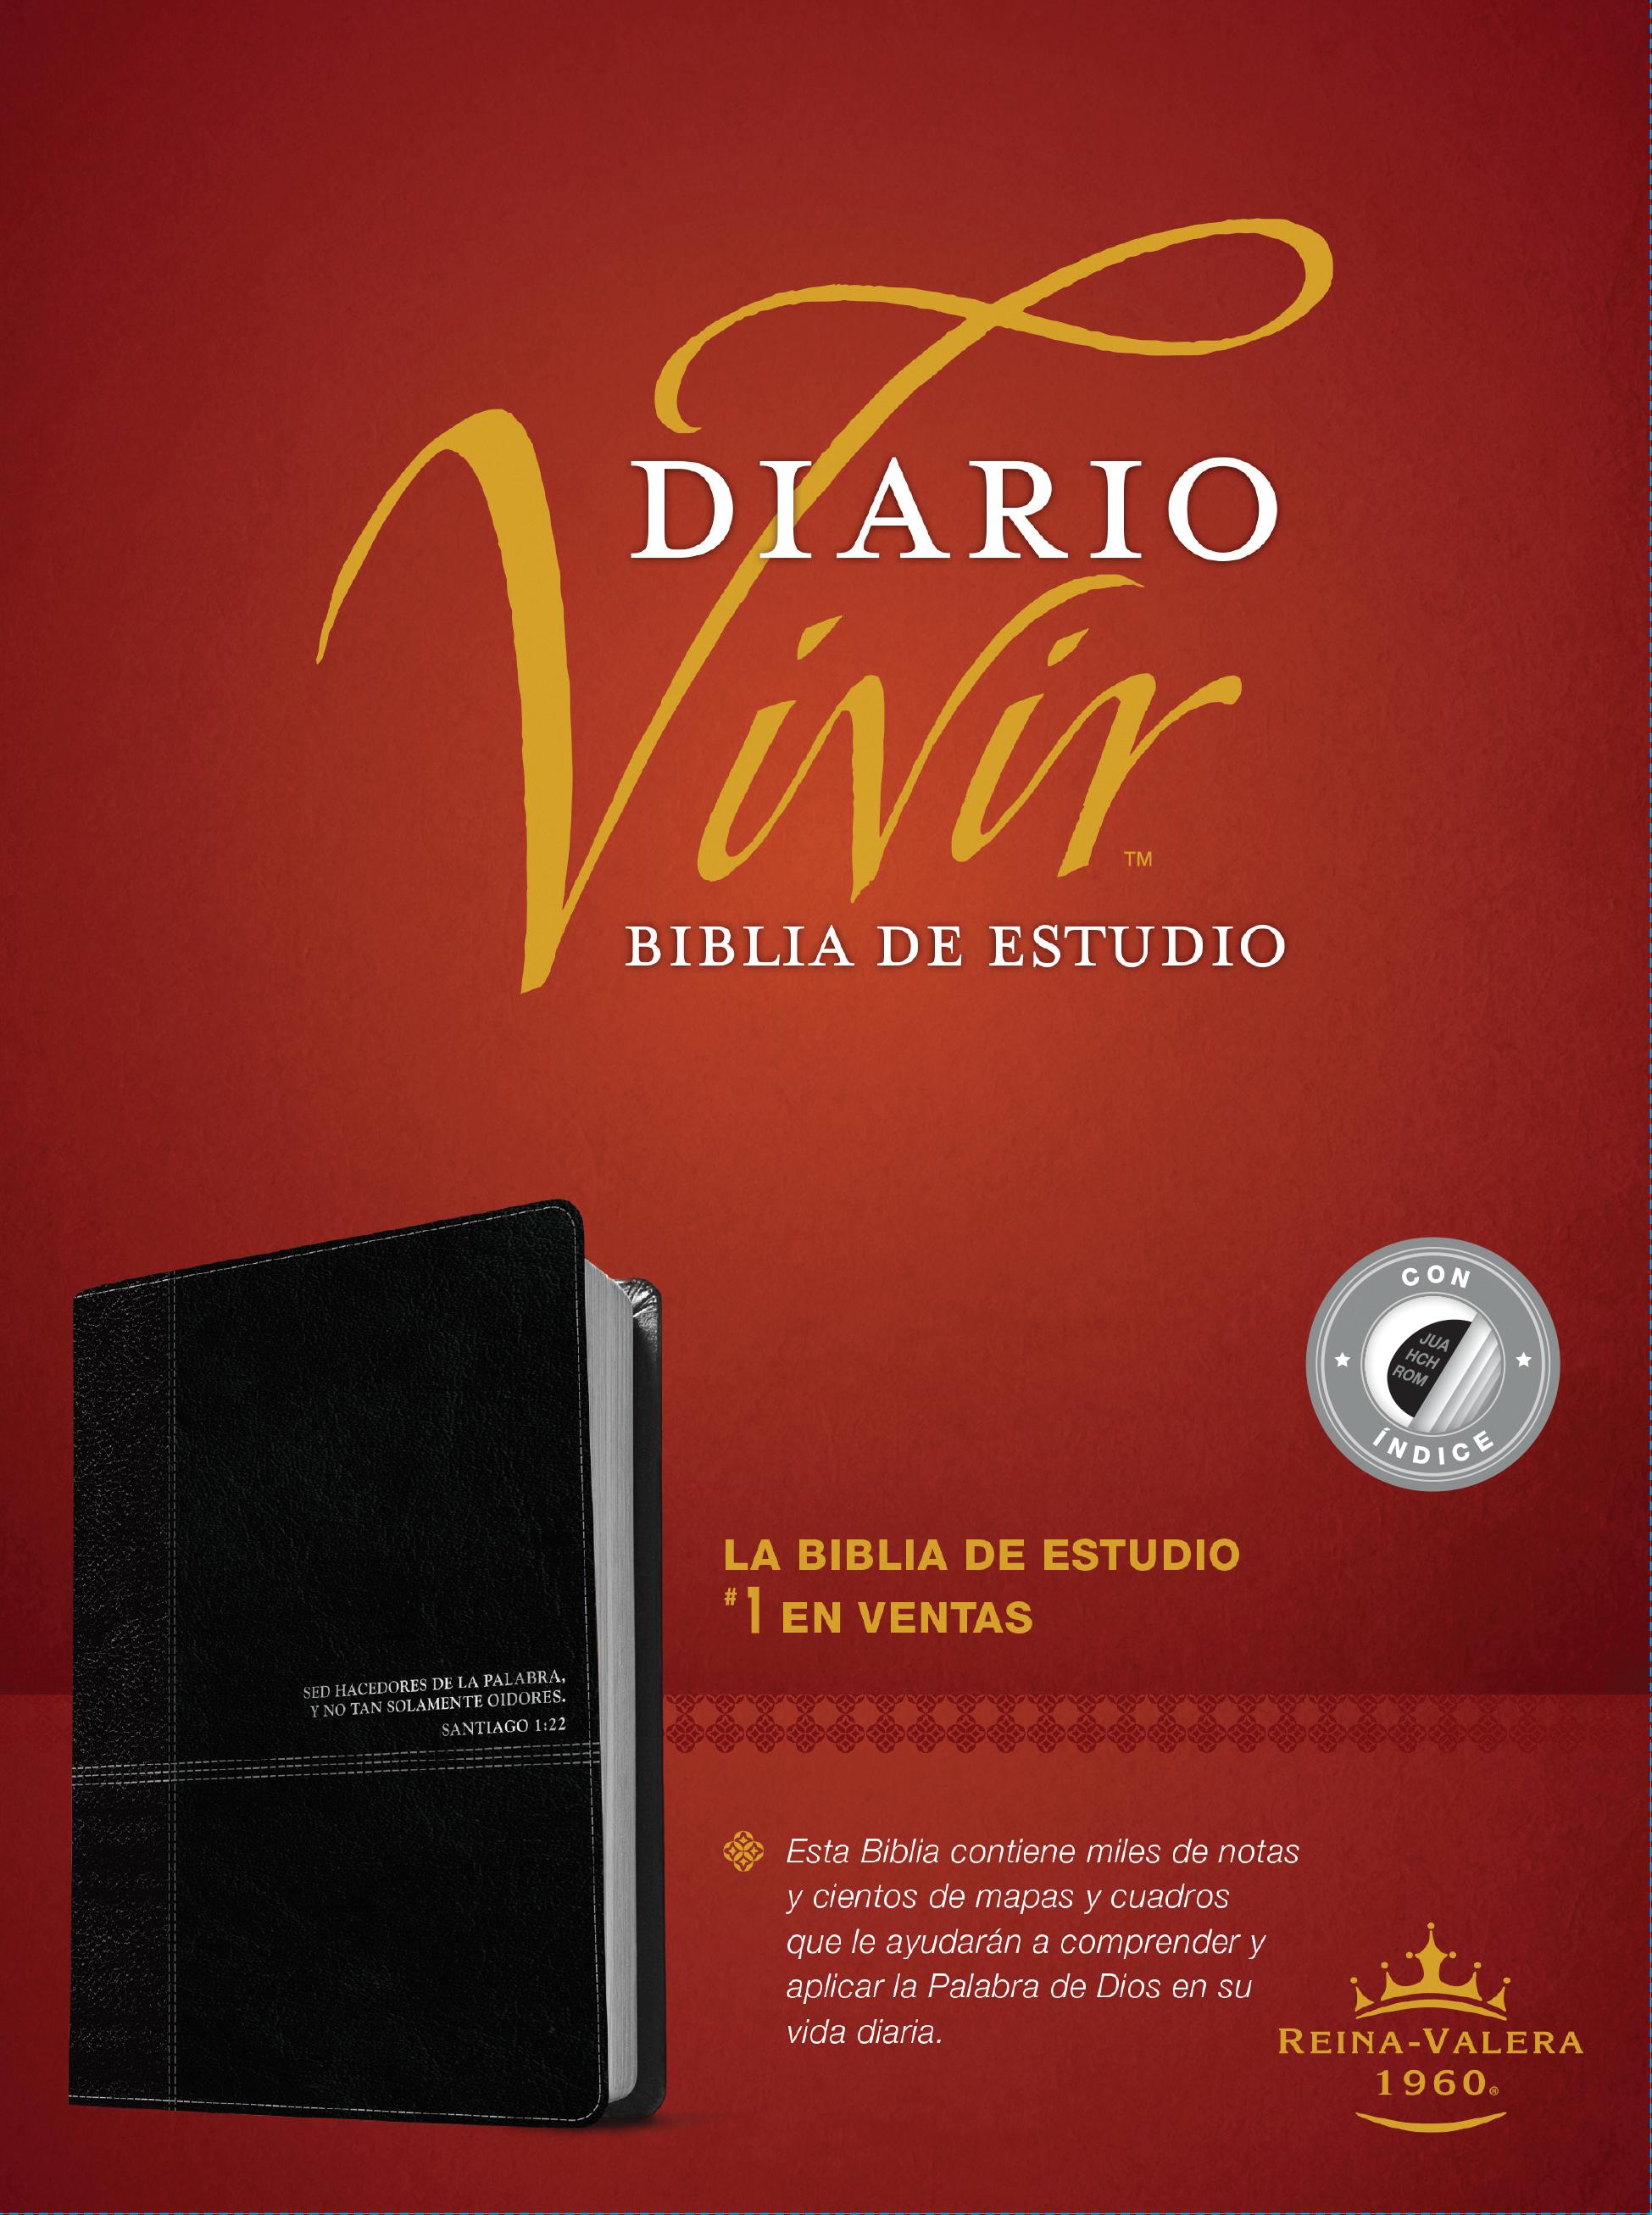 Biblia de estudio del diario vivir RVR60 (Letra Roja, SentiPiel, Negro/Ónice, Índice)